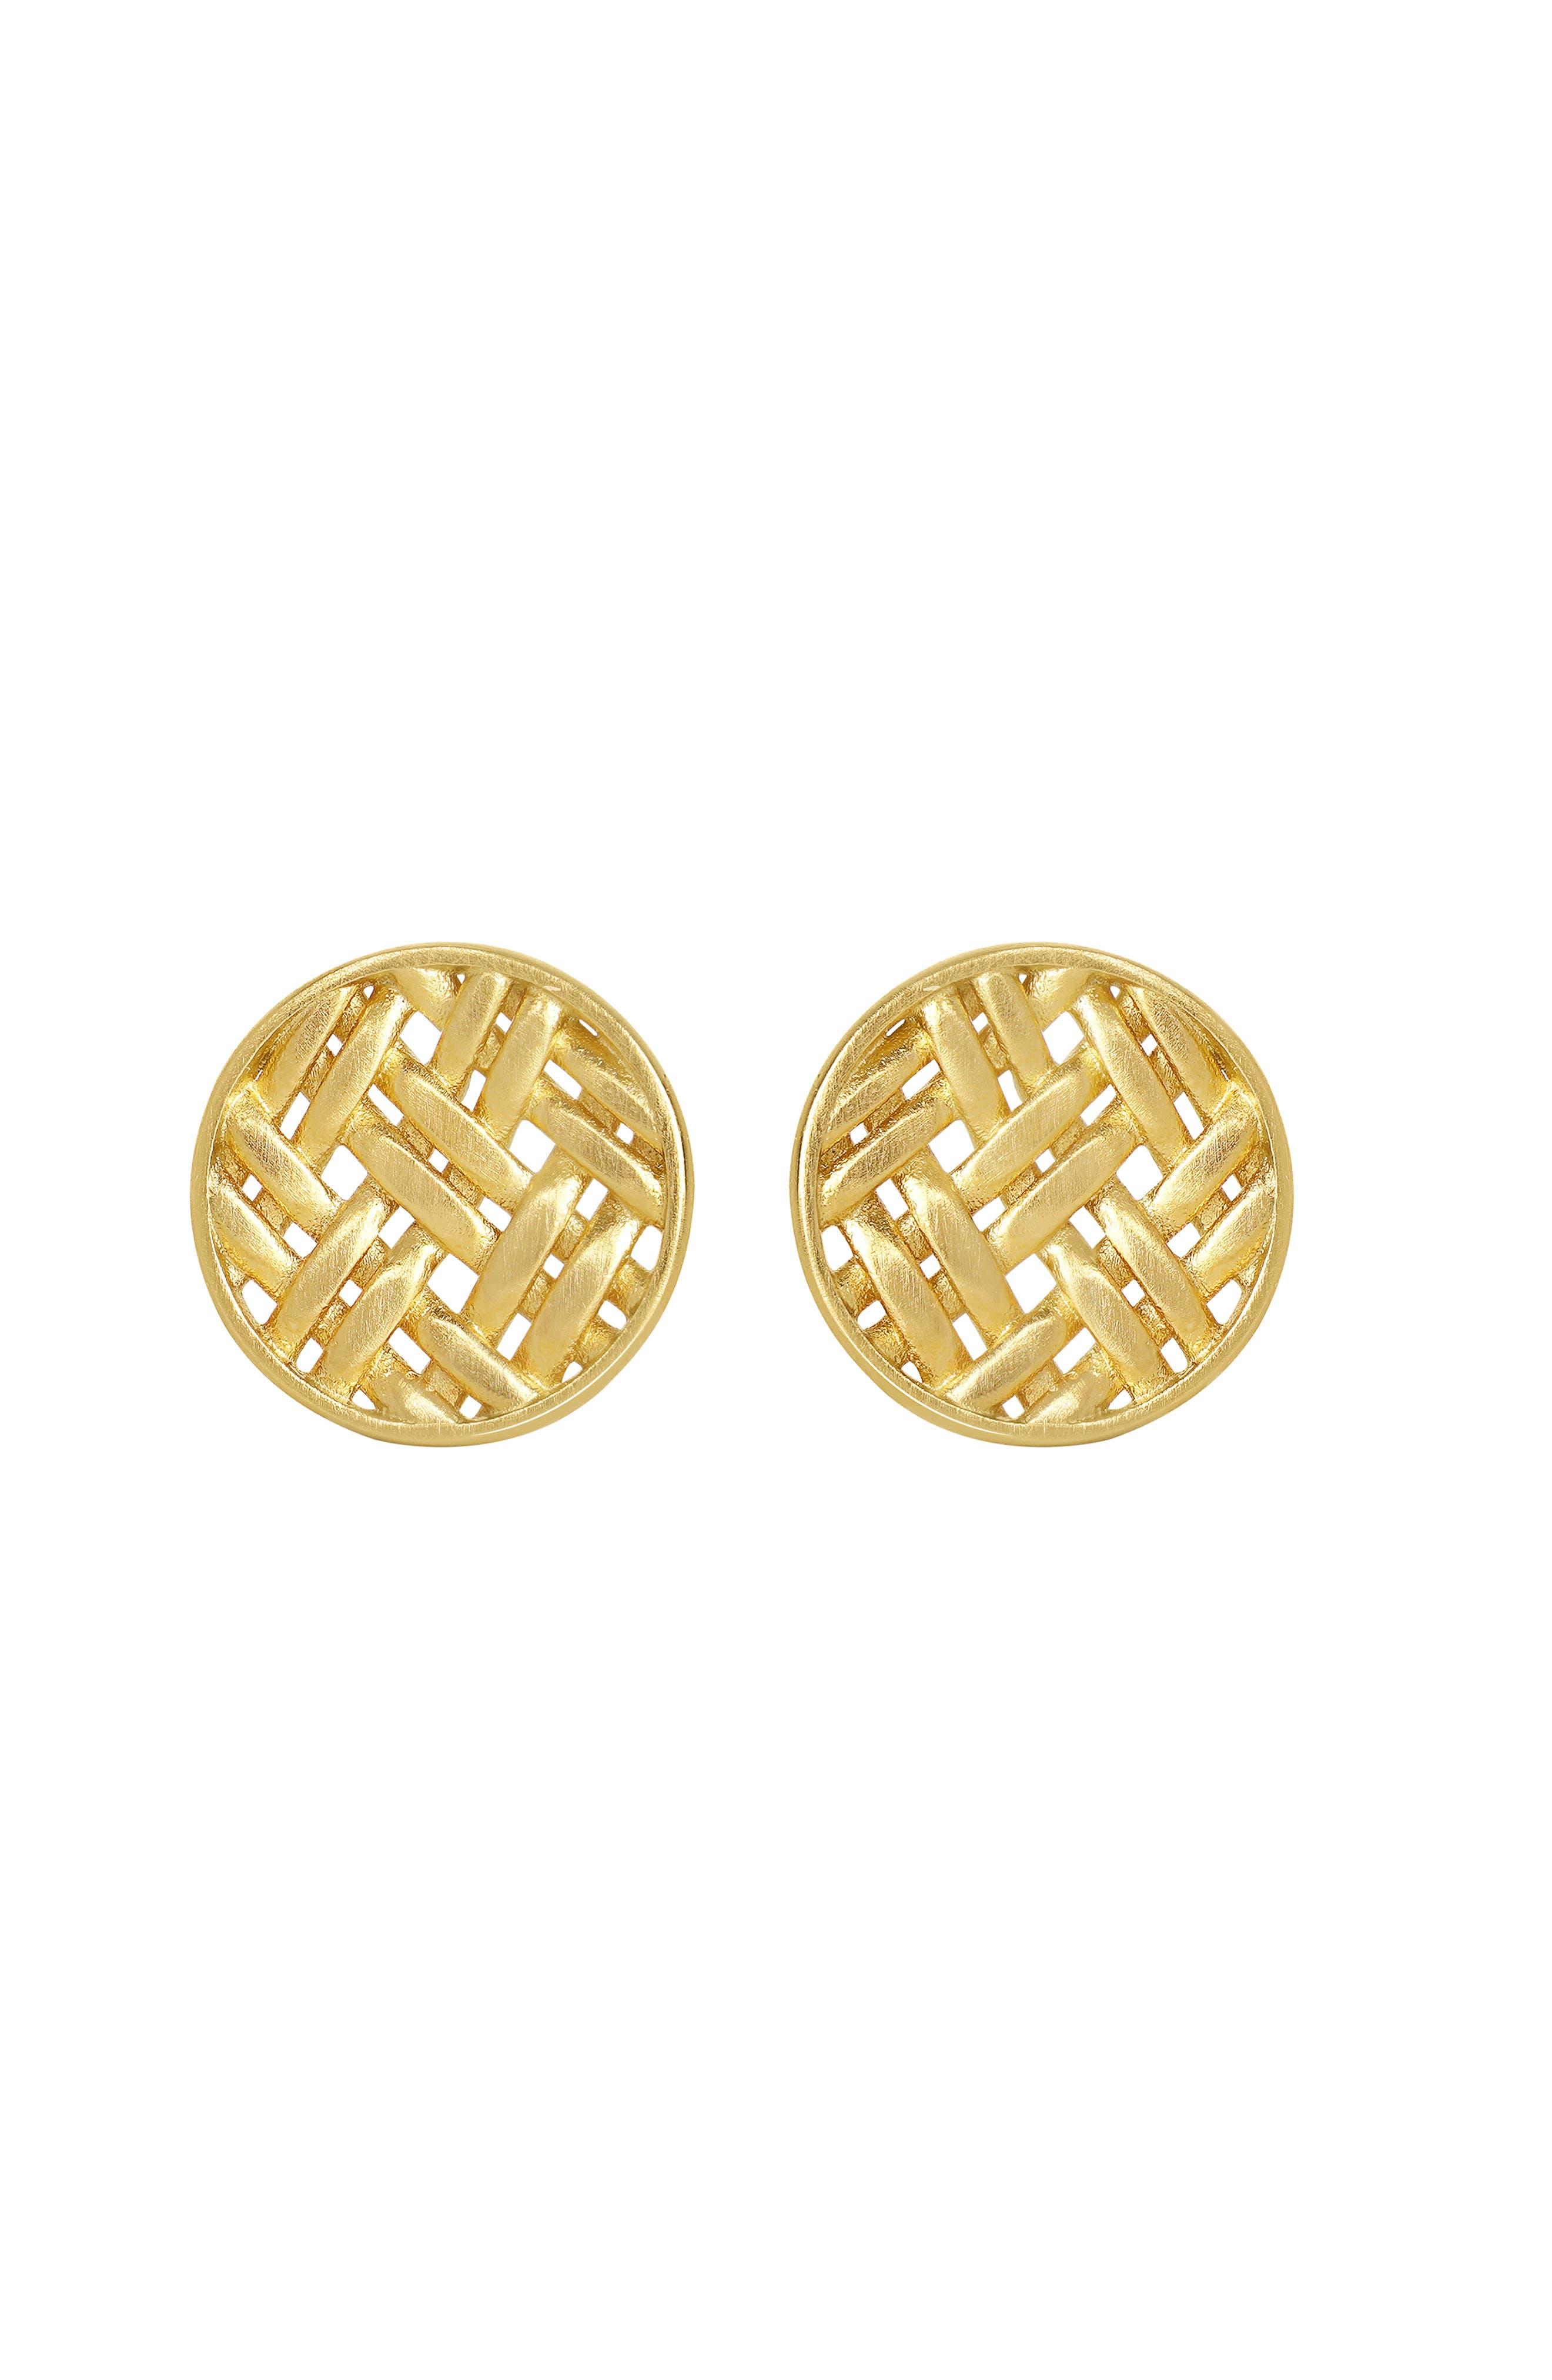 Weave Stud Earrings